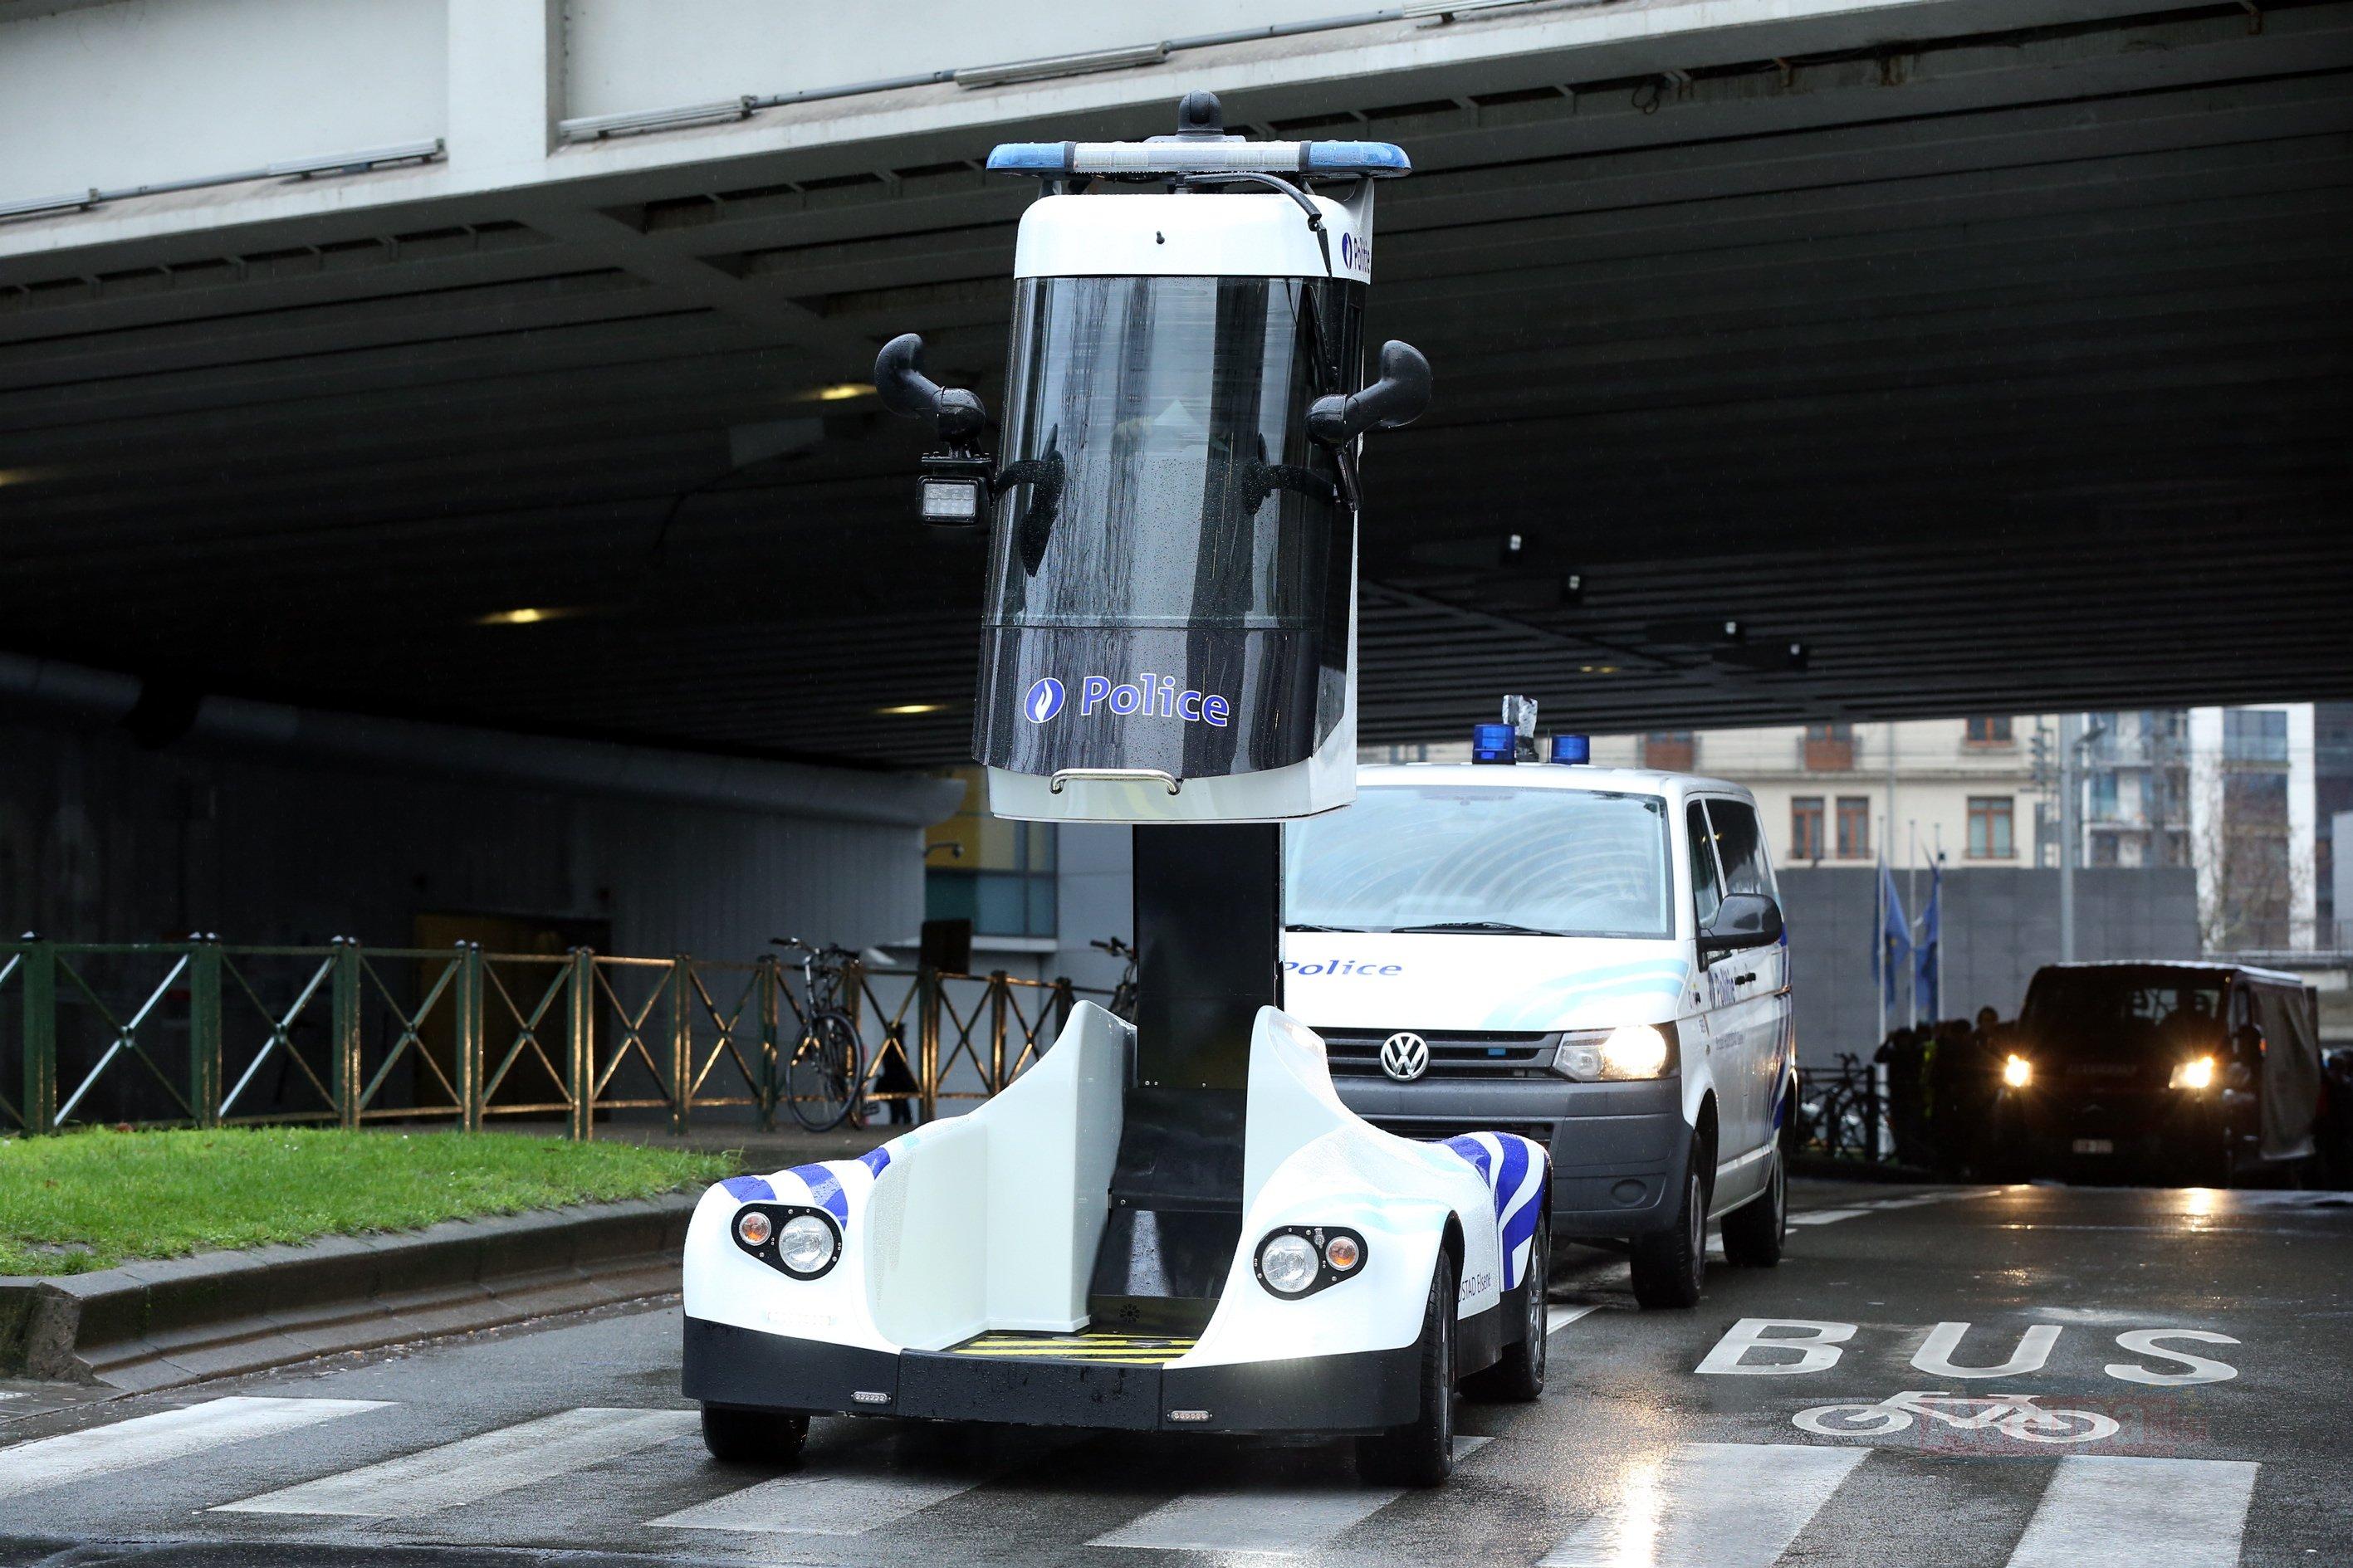 Protestoyu takip eden polis aracı tasarımıyla ilgi odağı oldu